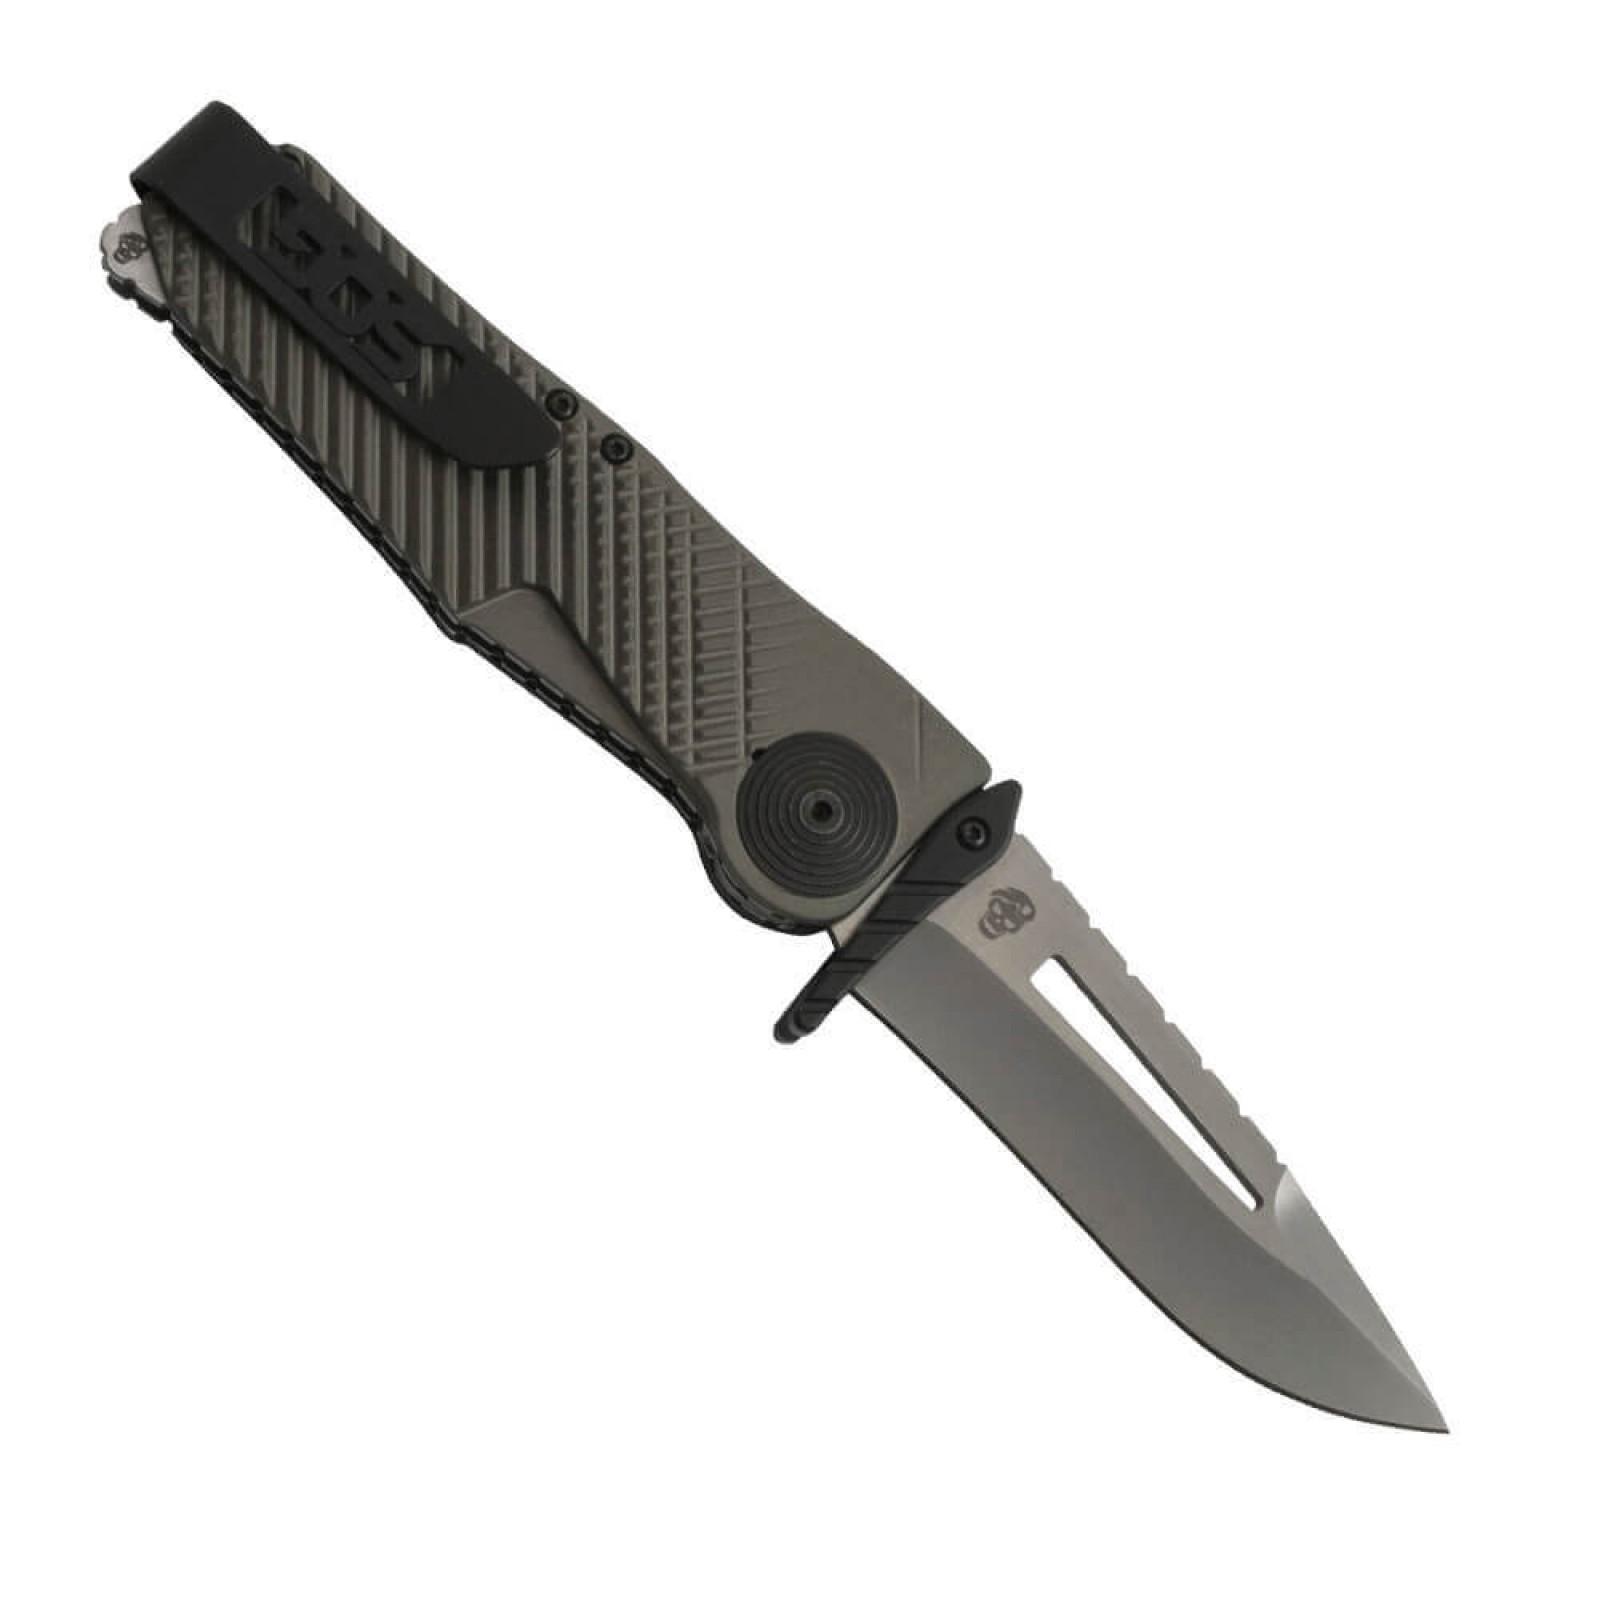 Фото 5 - Складной нож Quake - SOG IM1001, сталь VG-10, рукоять алюминий, зелёный